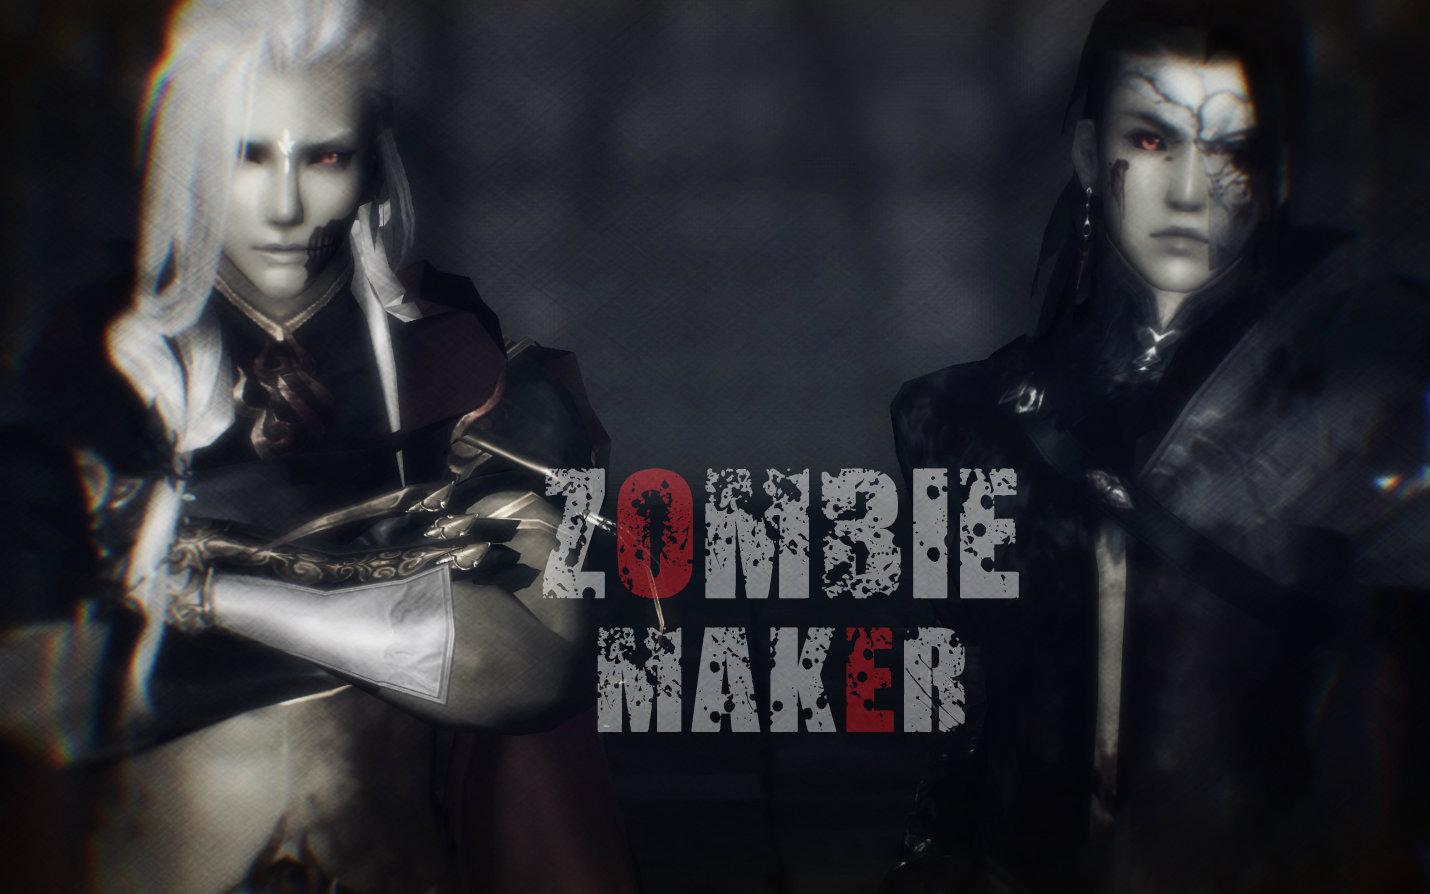 【劍網3/MMD】-ZOMBIE MAKER-【明唐】-愛嗶哩(B站視頻,音頻mp3解析下載站)